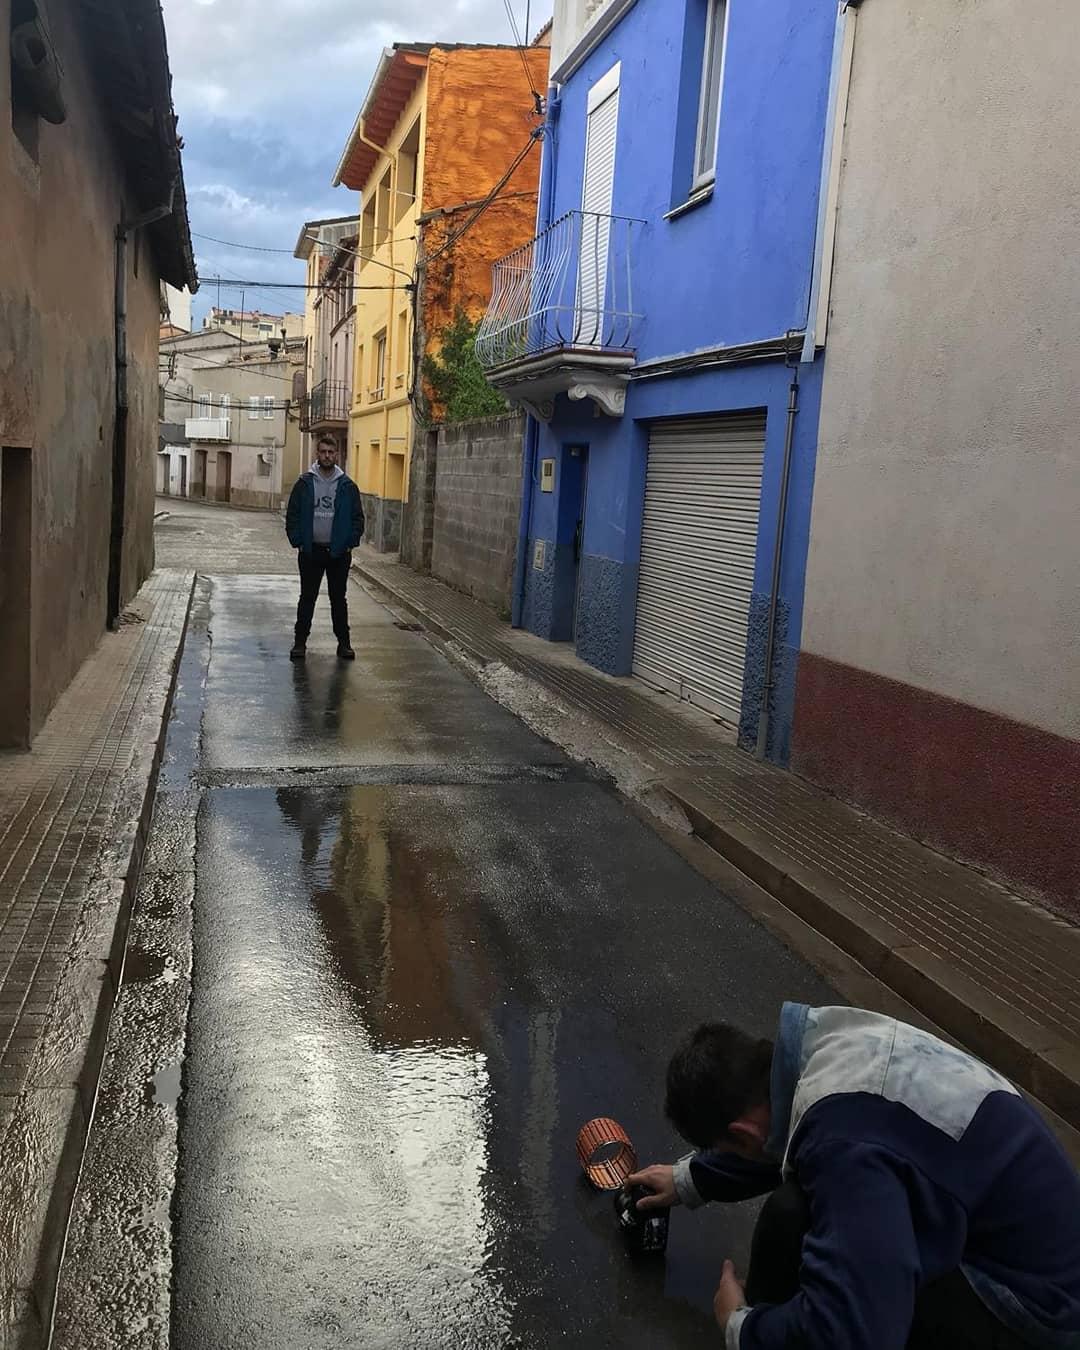 57597768 672130916540145 234129282302749007 n - 12 ловких трюков от фотографа из Барселоны, которые помогут сделать ваши снимки ещё более эффектными